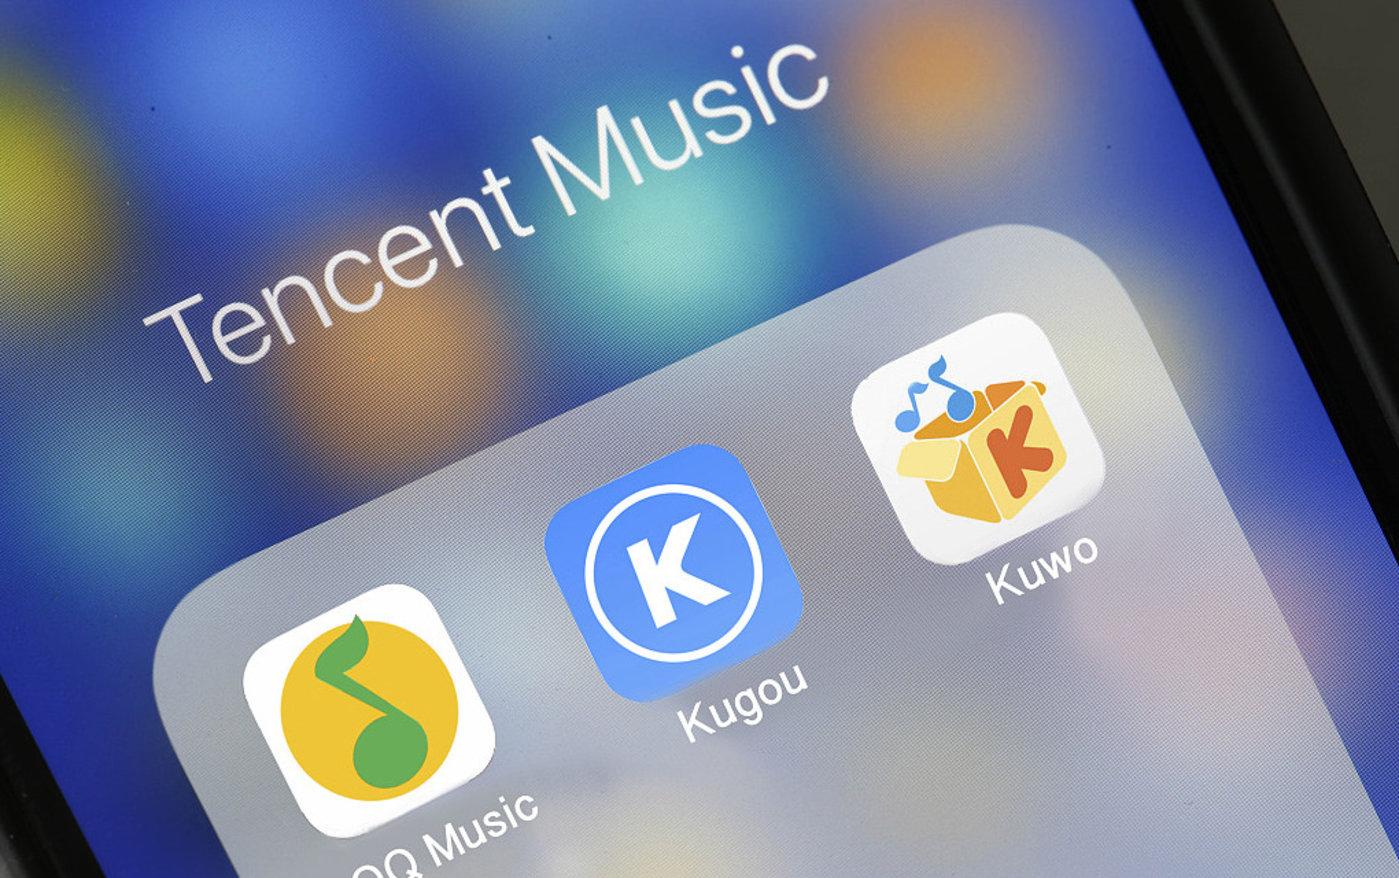 腾讯音乐放弃版权后,我们就有听歌自由了吗?